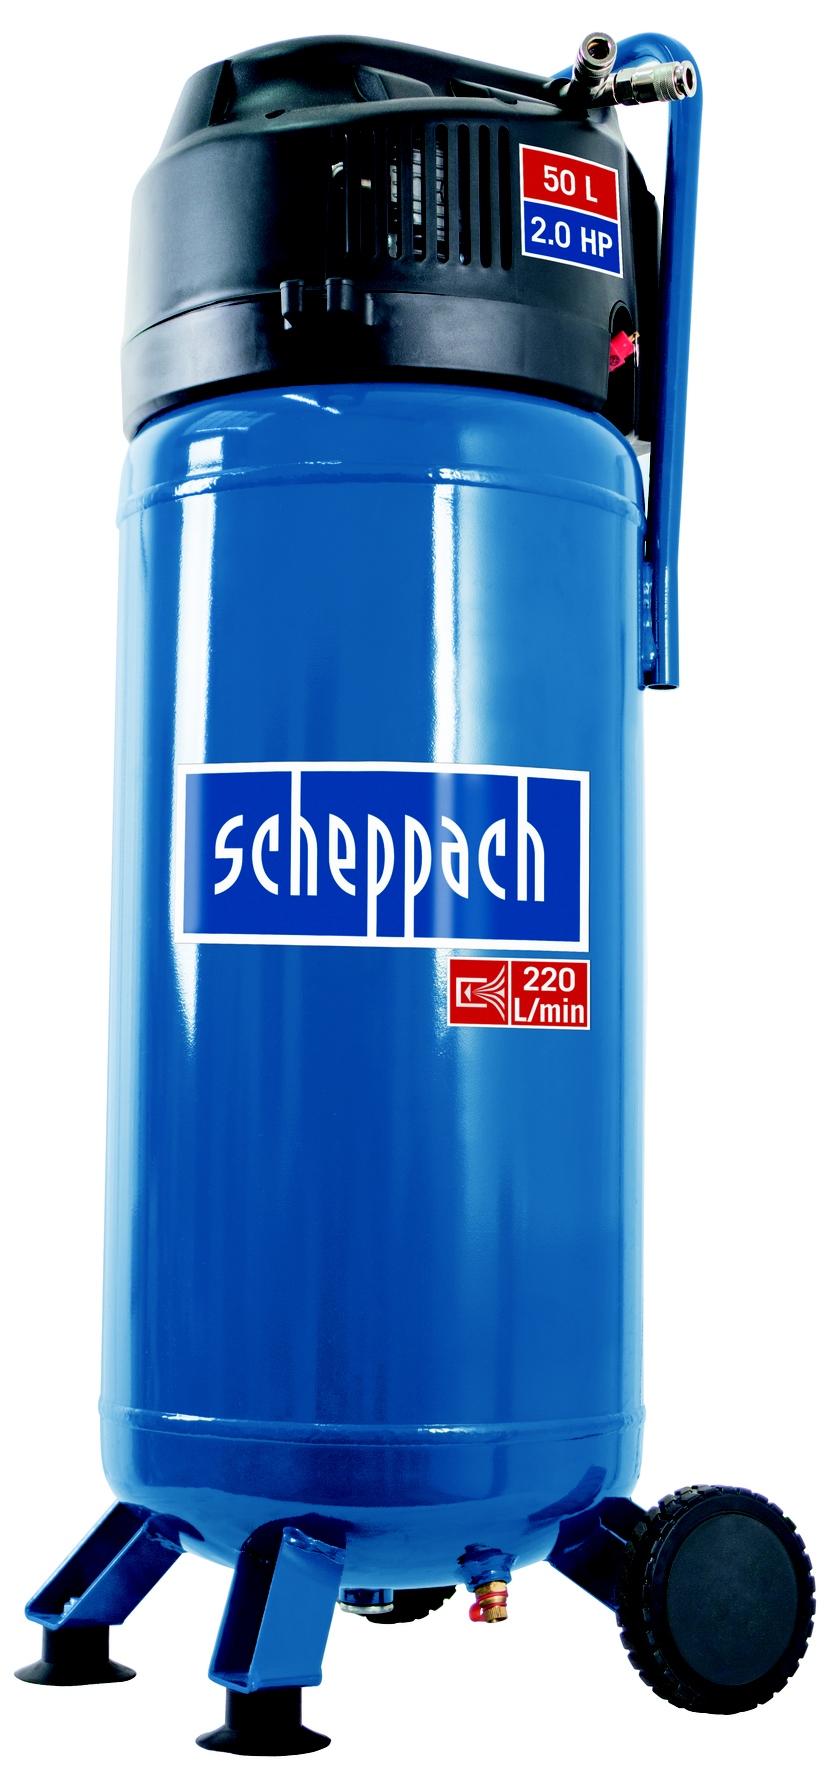 Bezolejový vertikální kompresor Scheppach HC 51 V